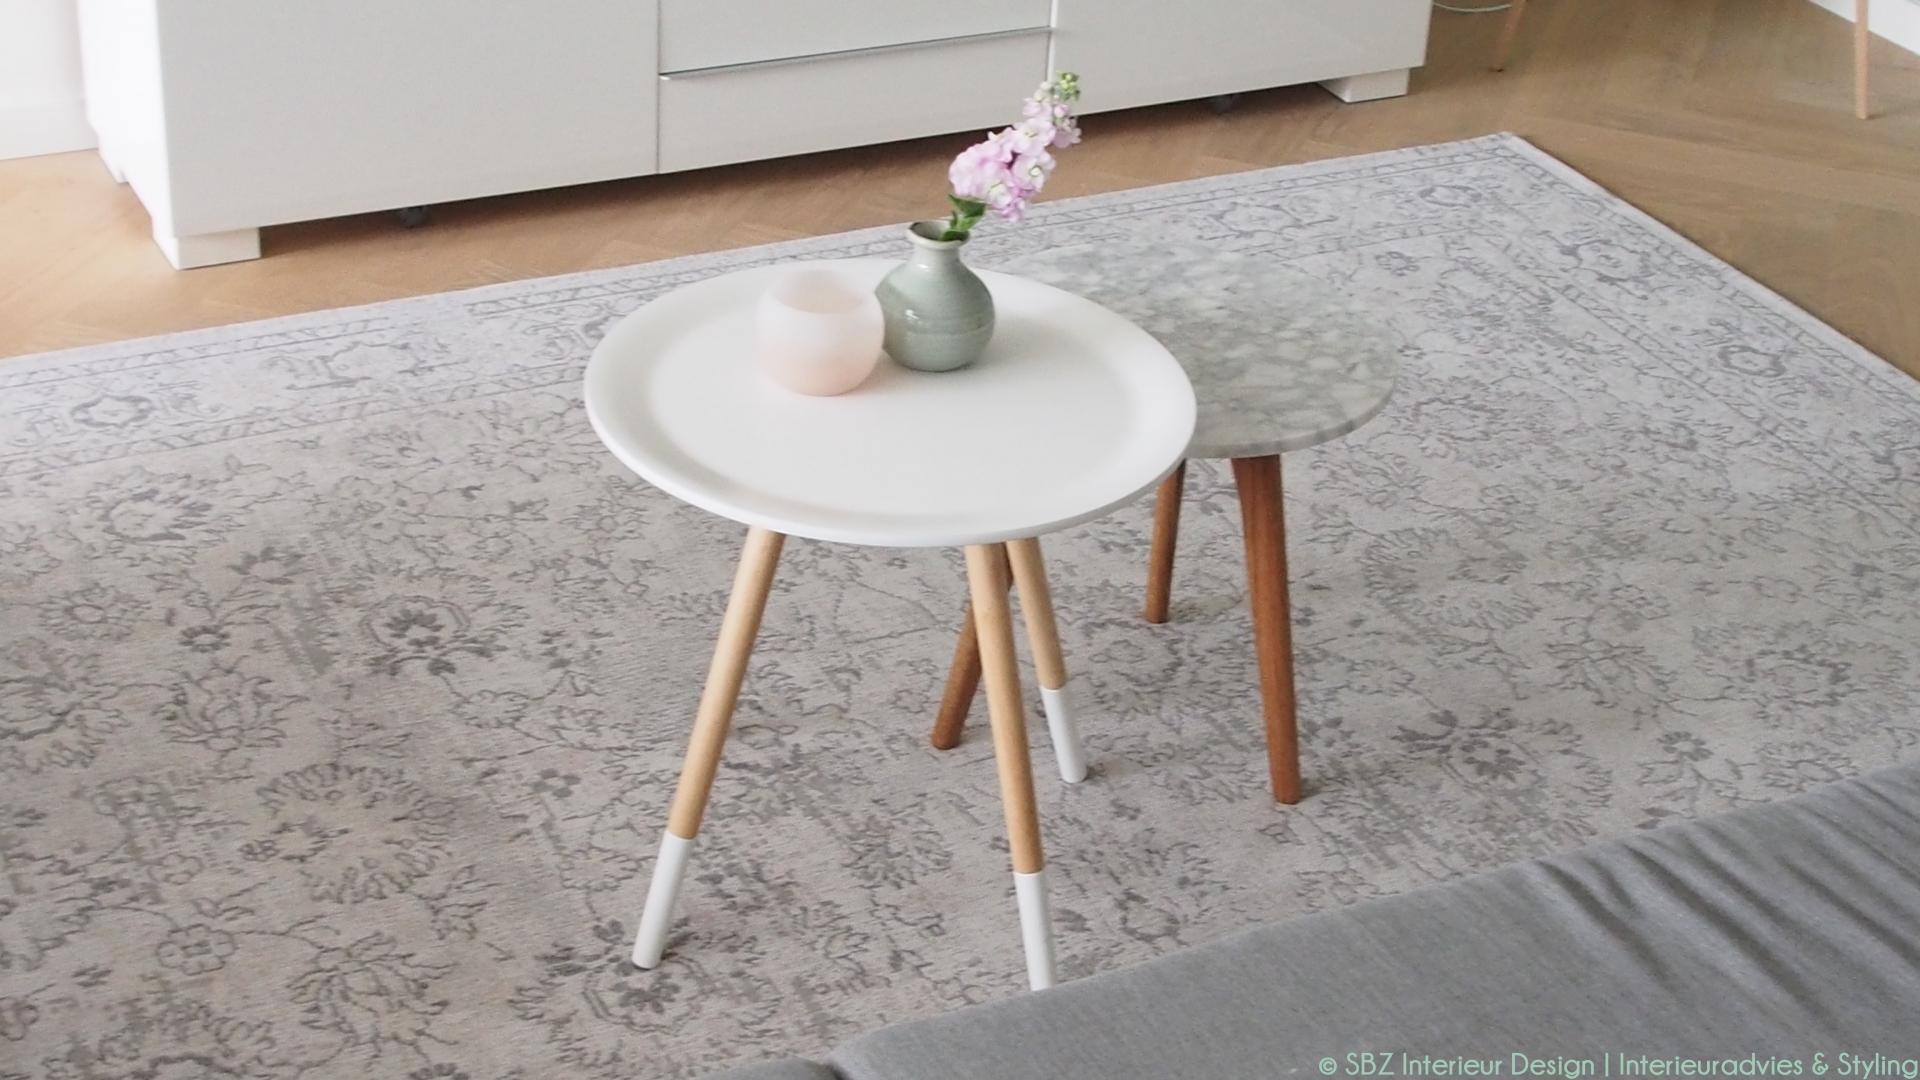 Interieur project Breukelen - Slaapkamer & badkamer styling- SBZ Interieur Design | Interieuradvies & styling